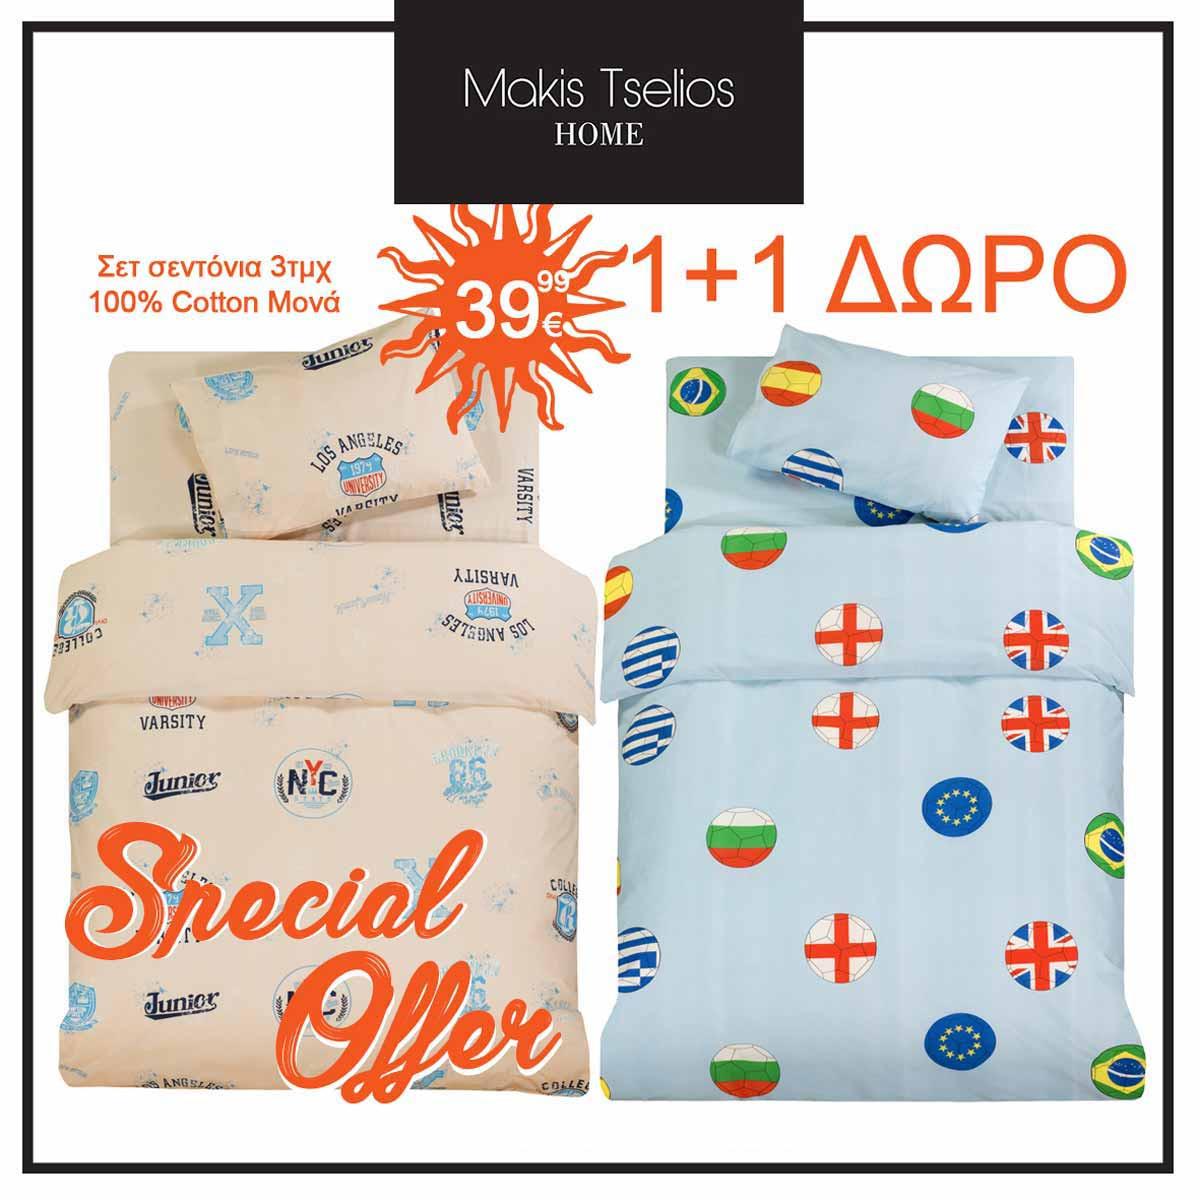 Σεντόνια Μονά (Σετ) Makis Tselios Label + Δώρο Σεντόνια Flags